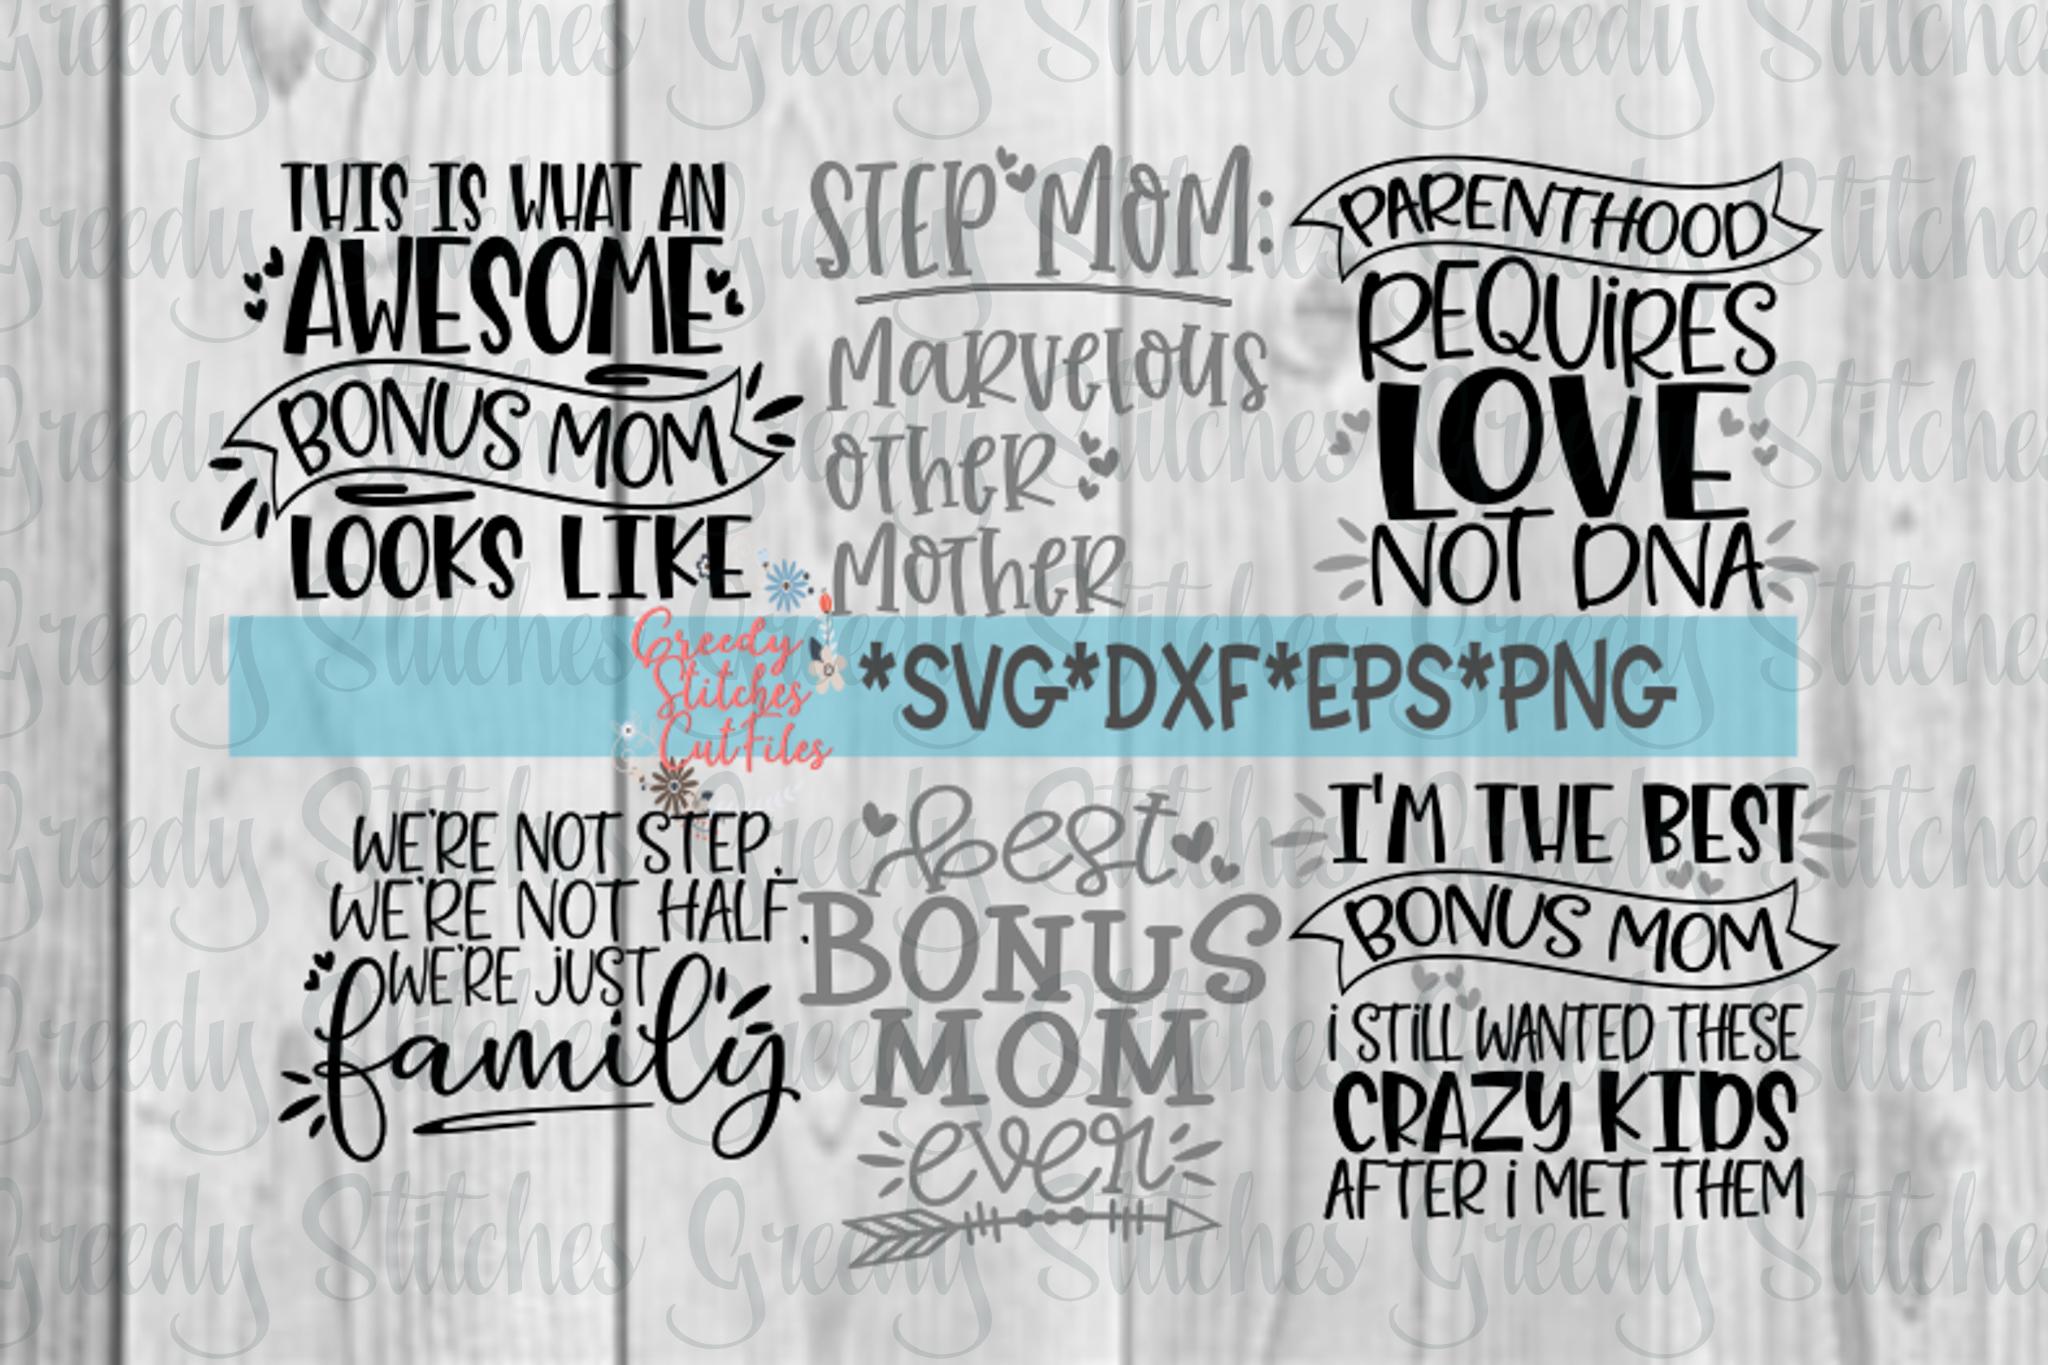 Mother's Day | Bonus Mom Bundle | Step Mom SVG Bundle example image 9